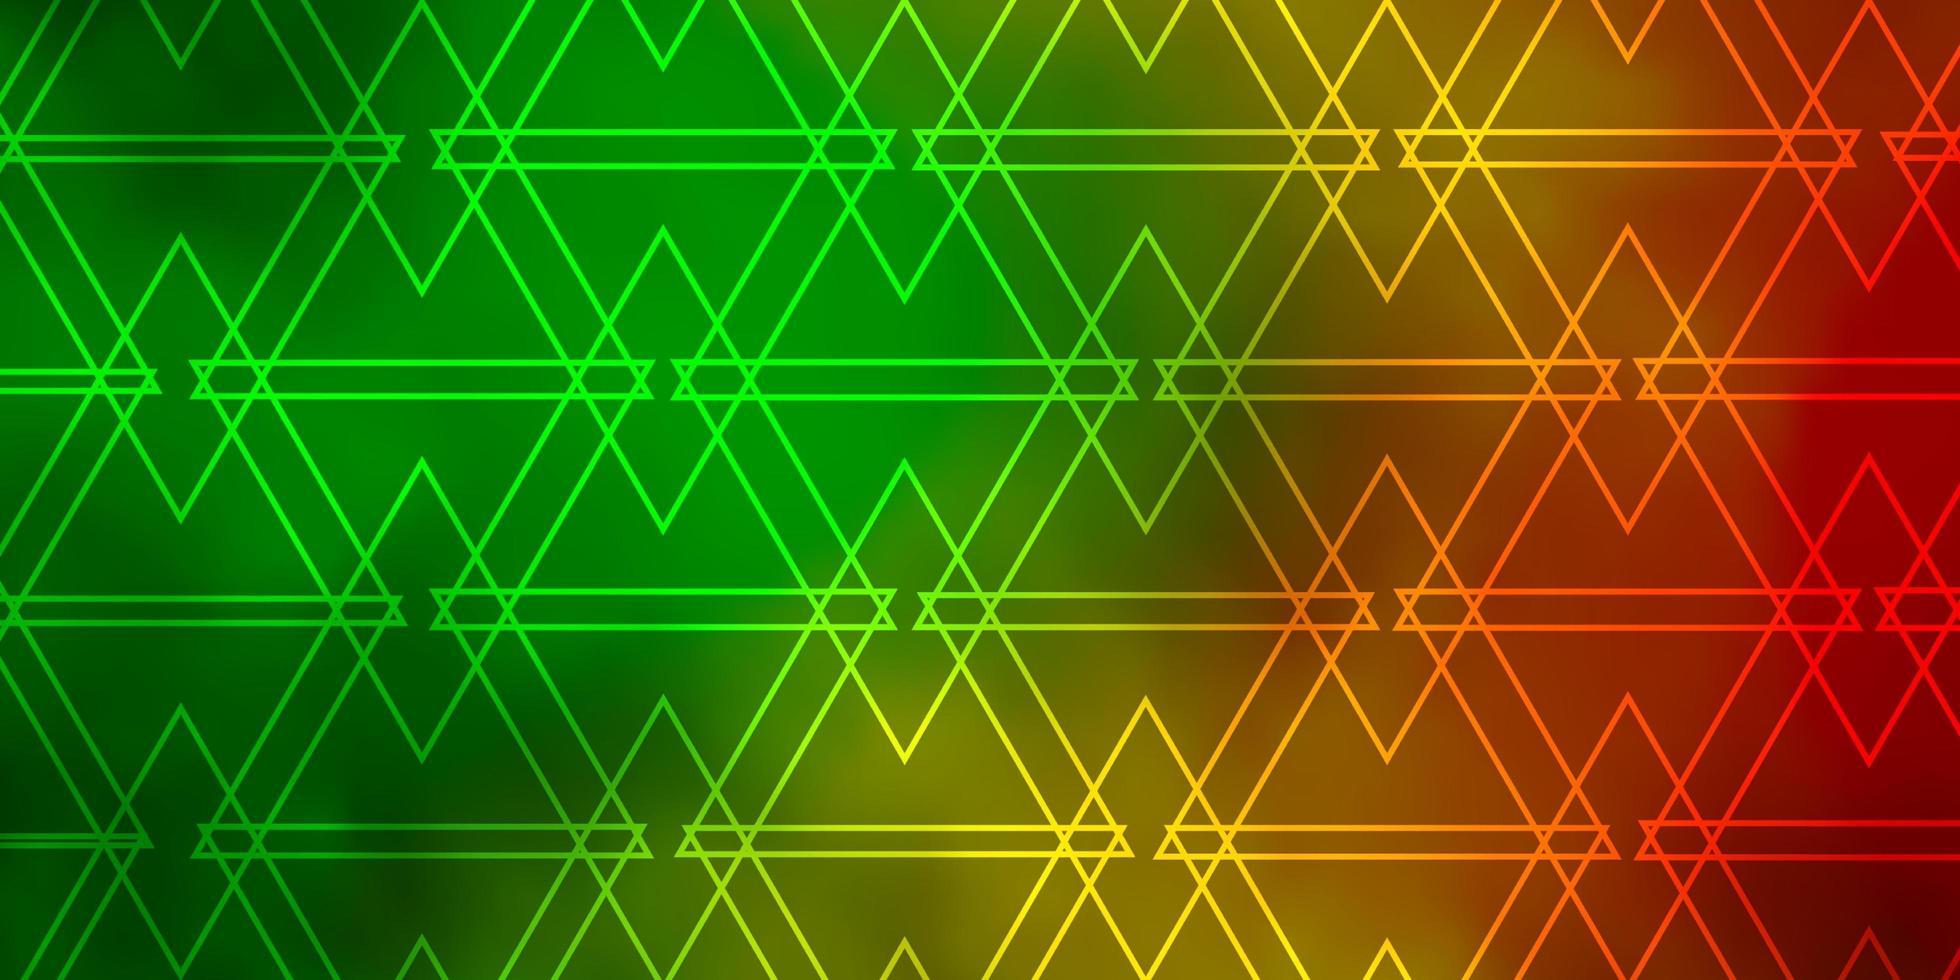 modello verde scuro, giallo con stile poligonale. vettore